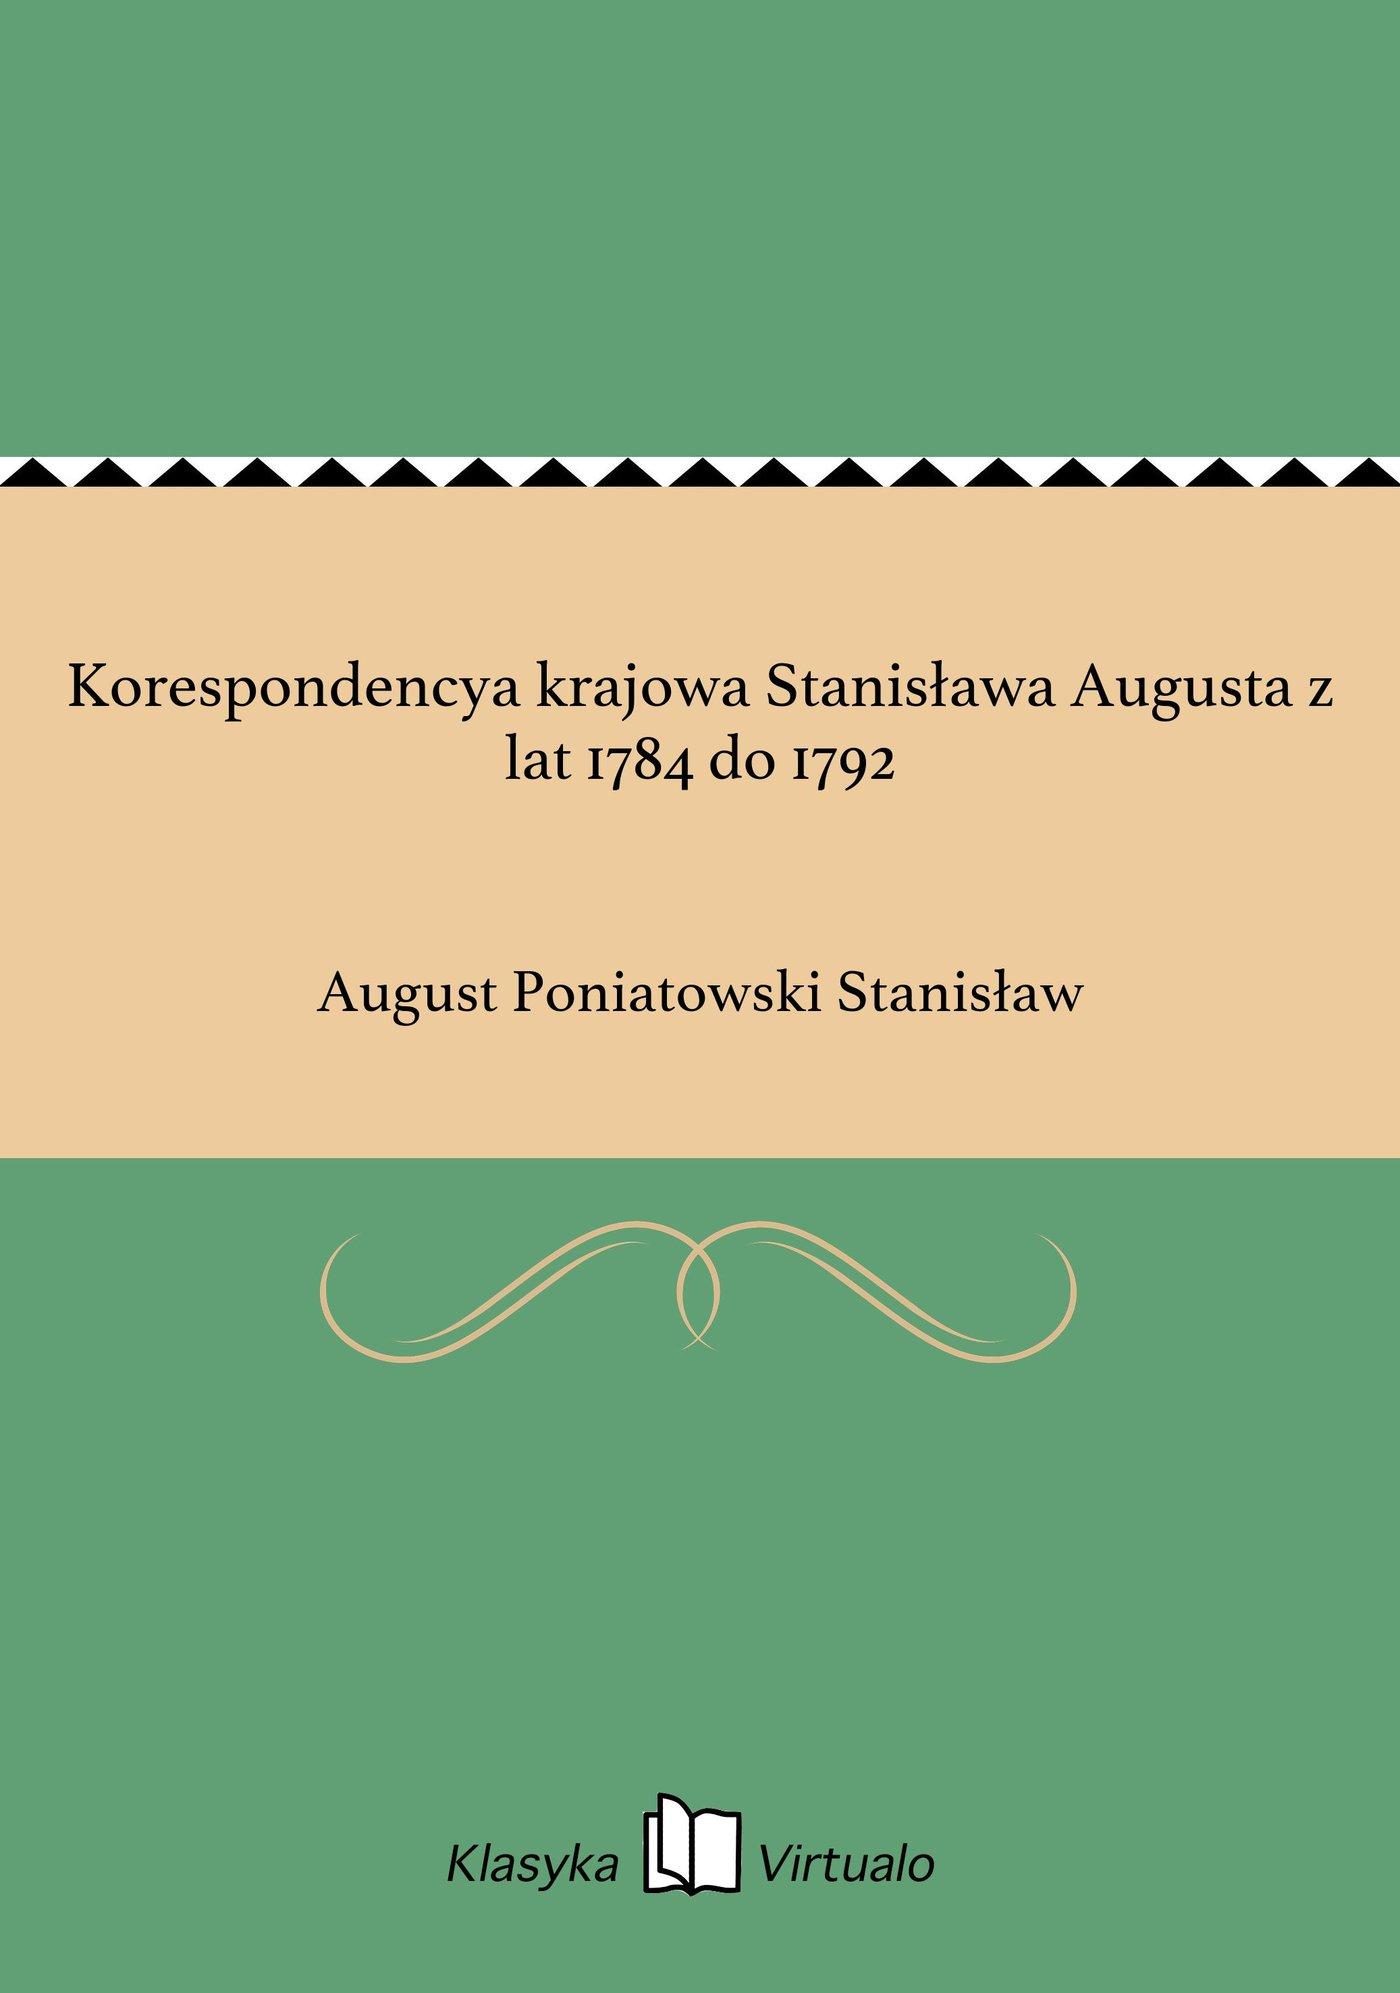 Korespondencya krajowa Stanisława Augusta z lat 1784 do 1792 - Ebook (Książka EPUB) do pobrania w formacie EPUB